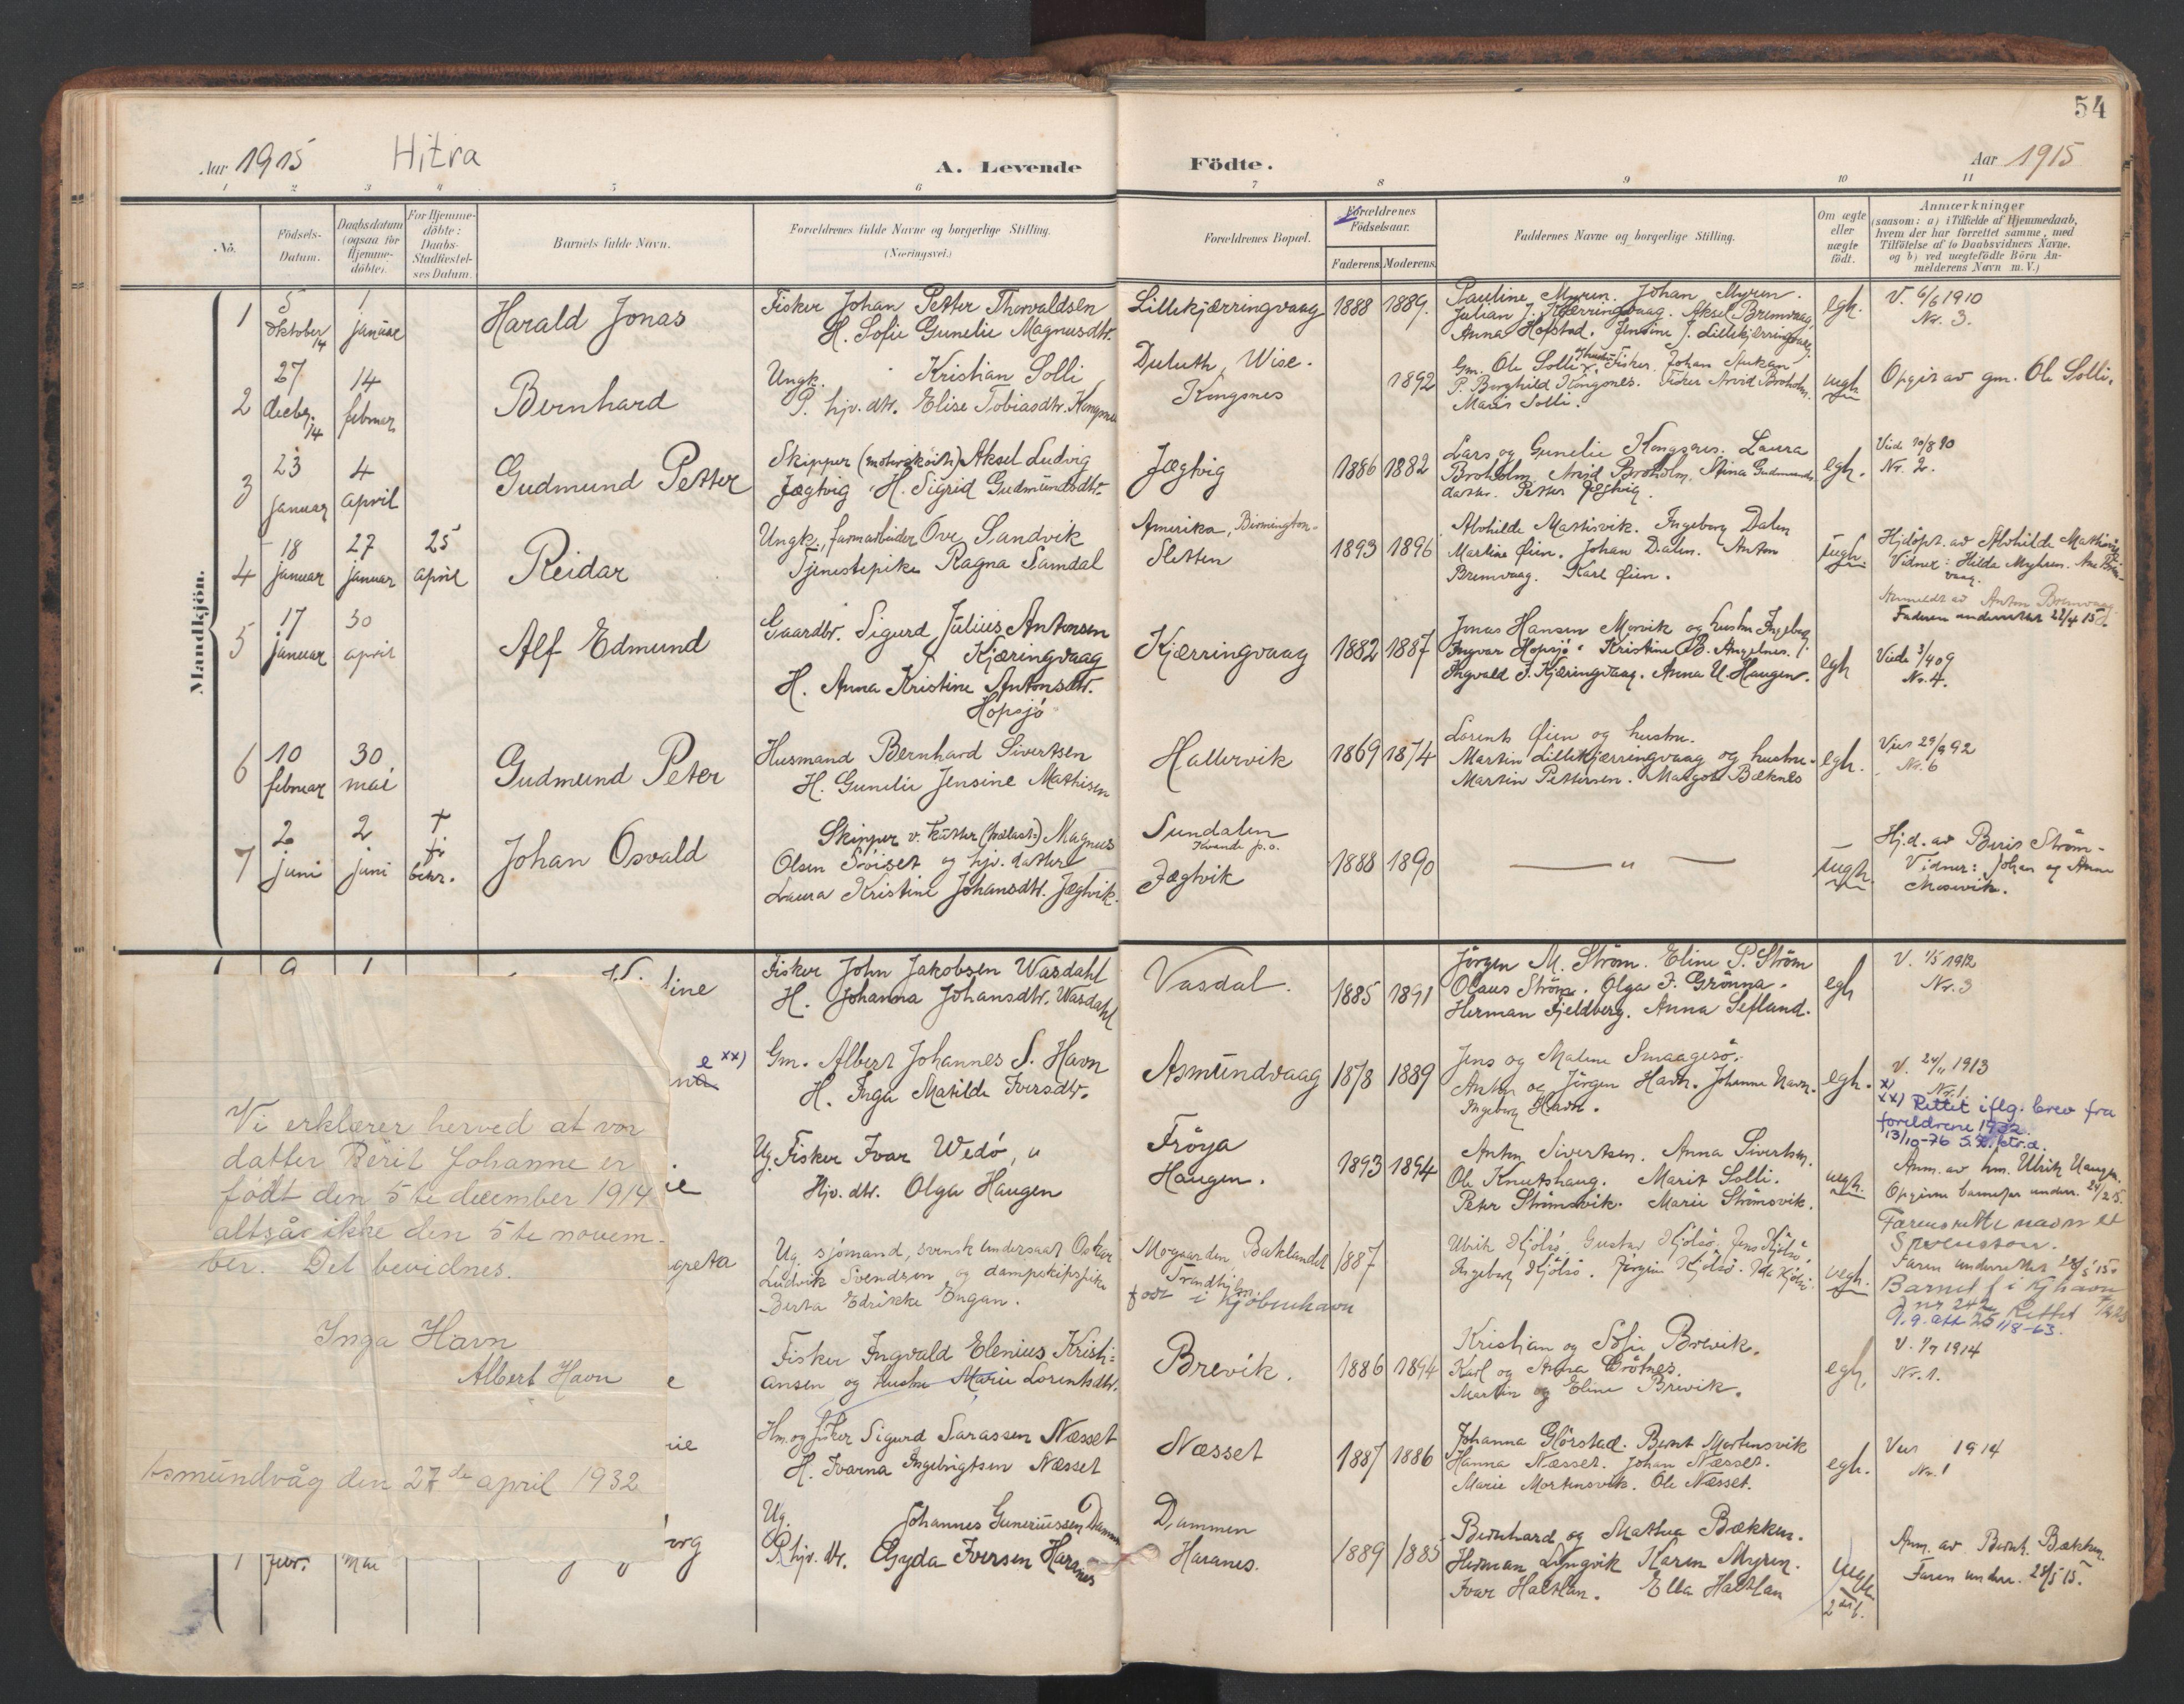 SAT, Ministerialprotokoller, klokkerbøker og fødselsregistre - Sør-Trøndelag, 634/L0537: Ministerialbok nr. 634A13, 1896-1922, s. 54